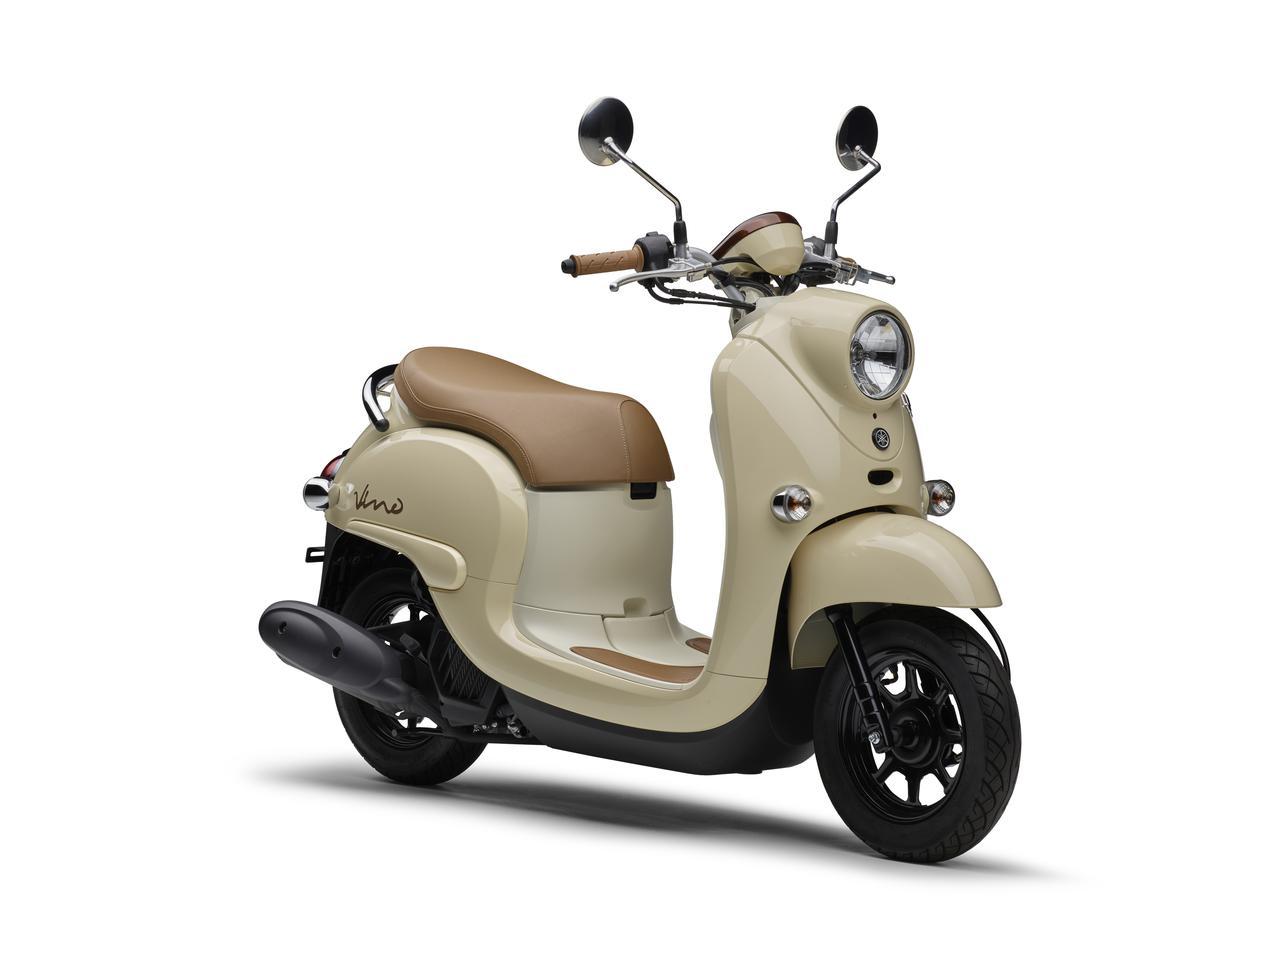 画像30: ヤマハが50ccスクーター「ビーノ」の2021年モデルを発表! ニューカラーは4色、合計6色の設定で発売